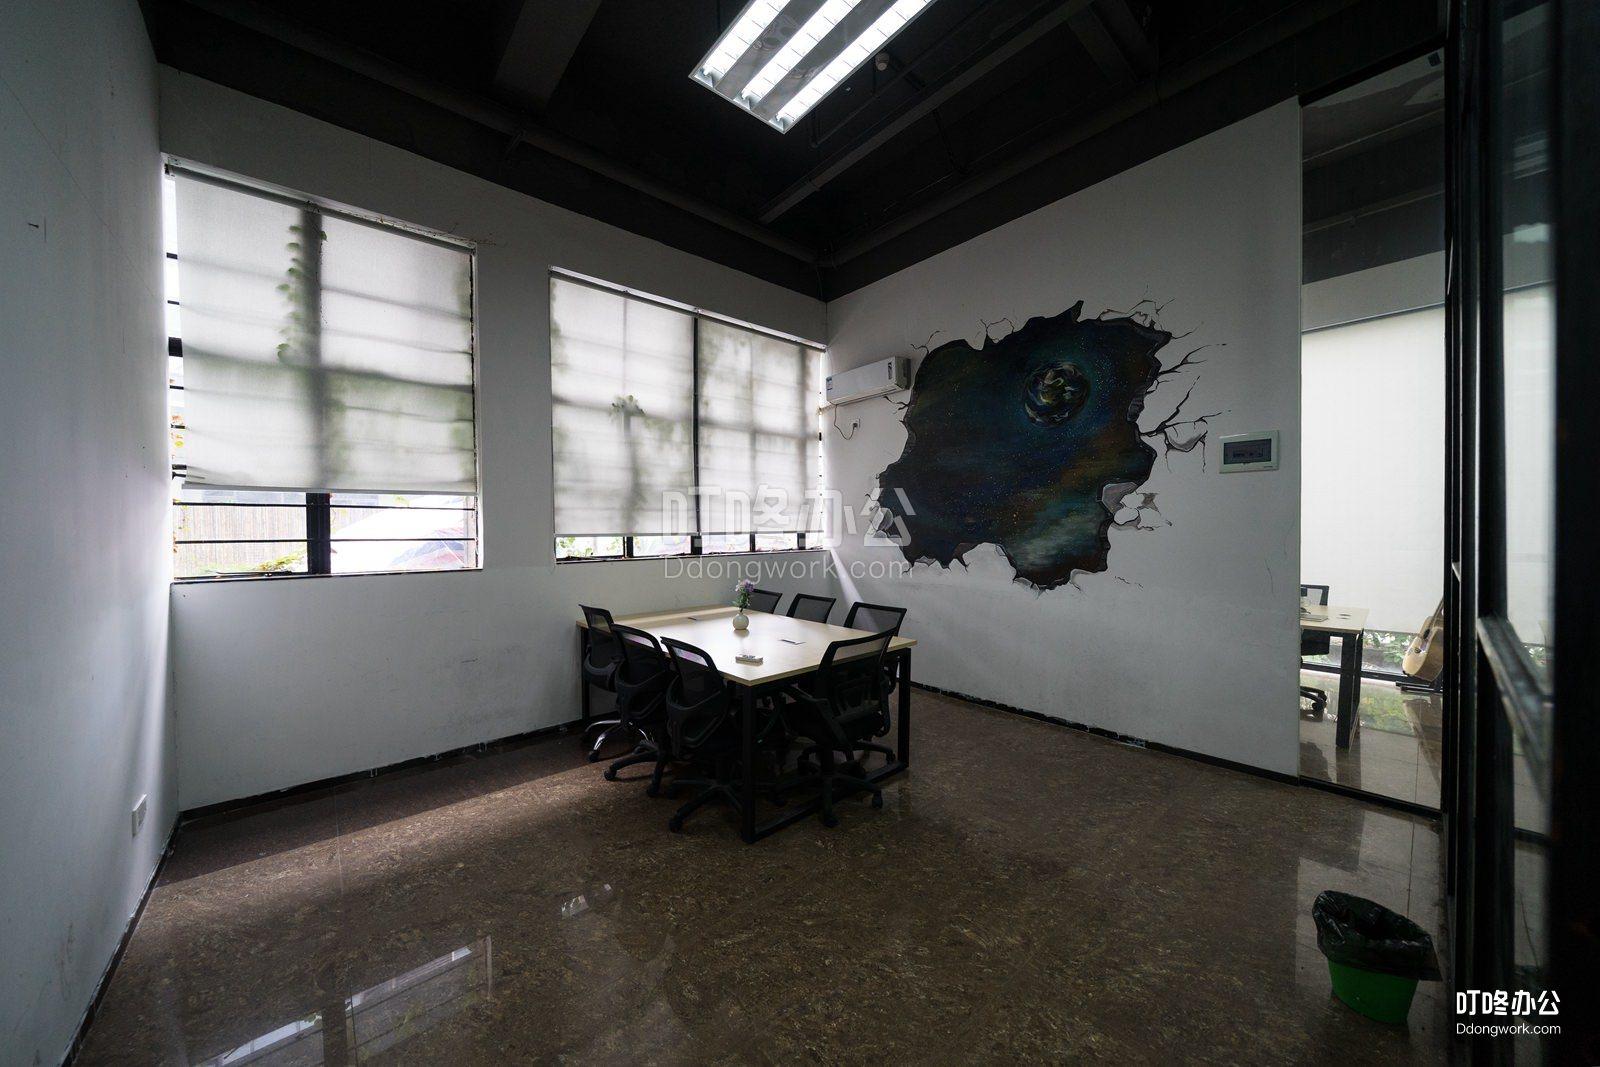 Wedo联合创业社「创业路社区」公共区域